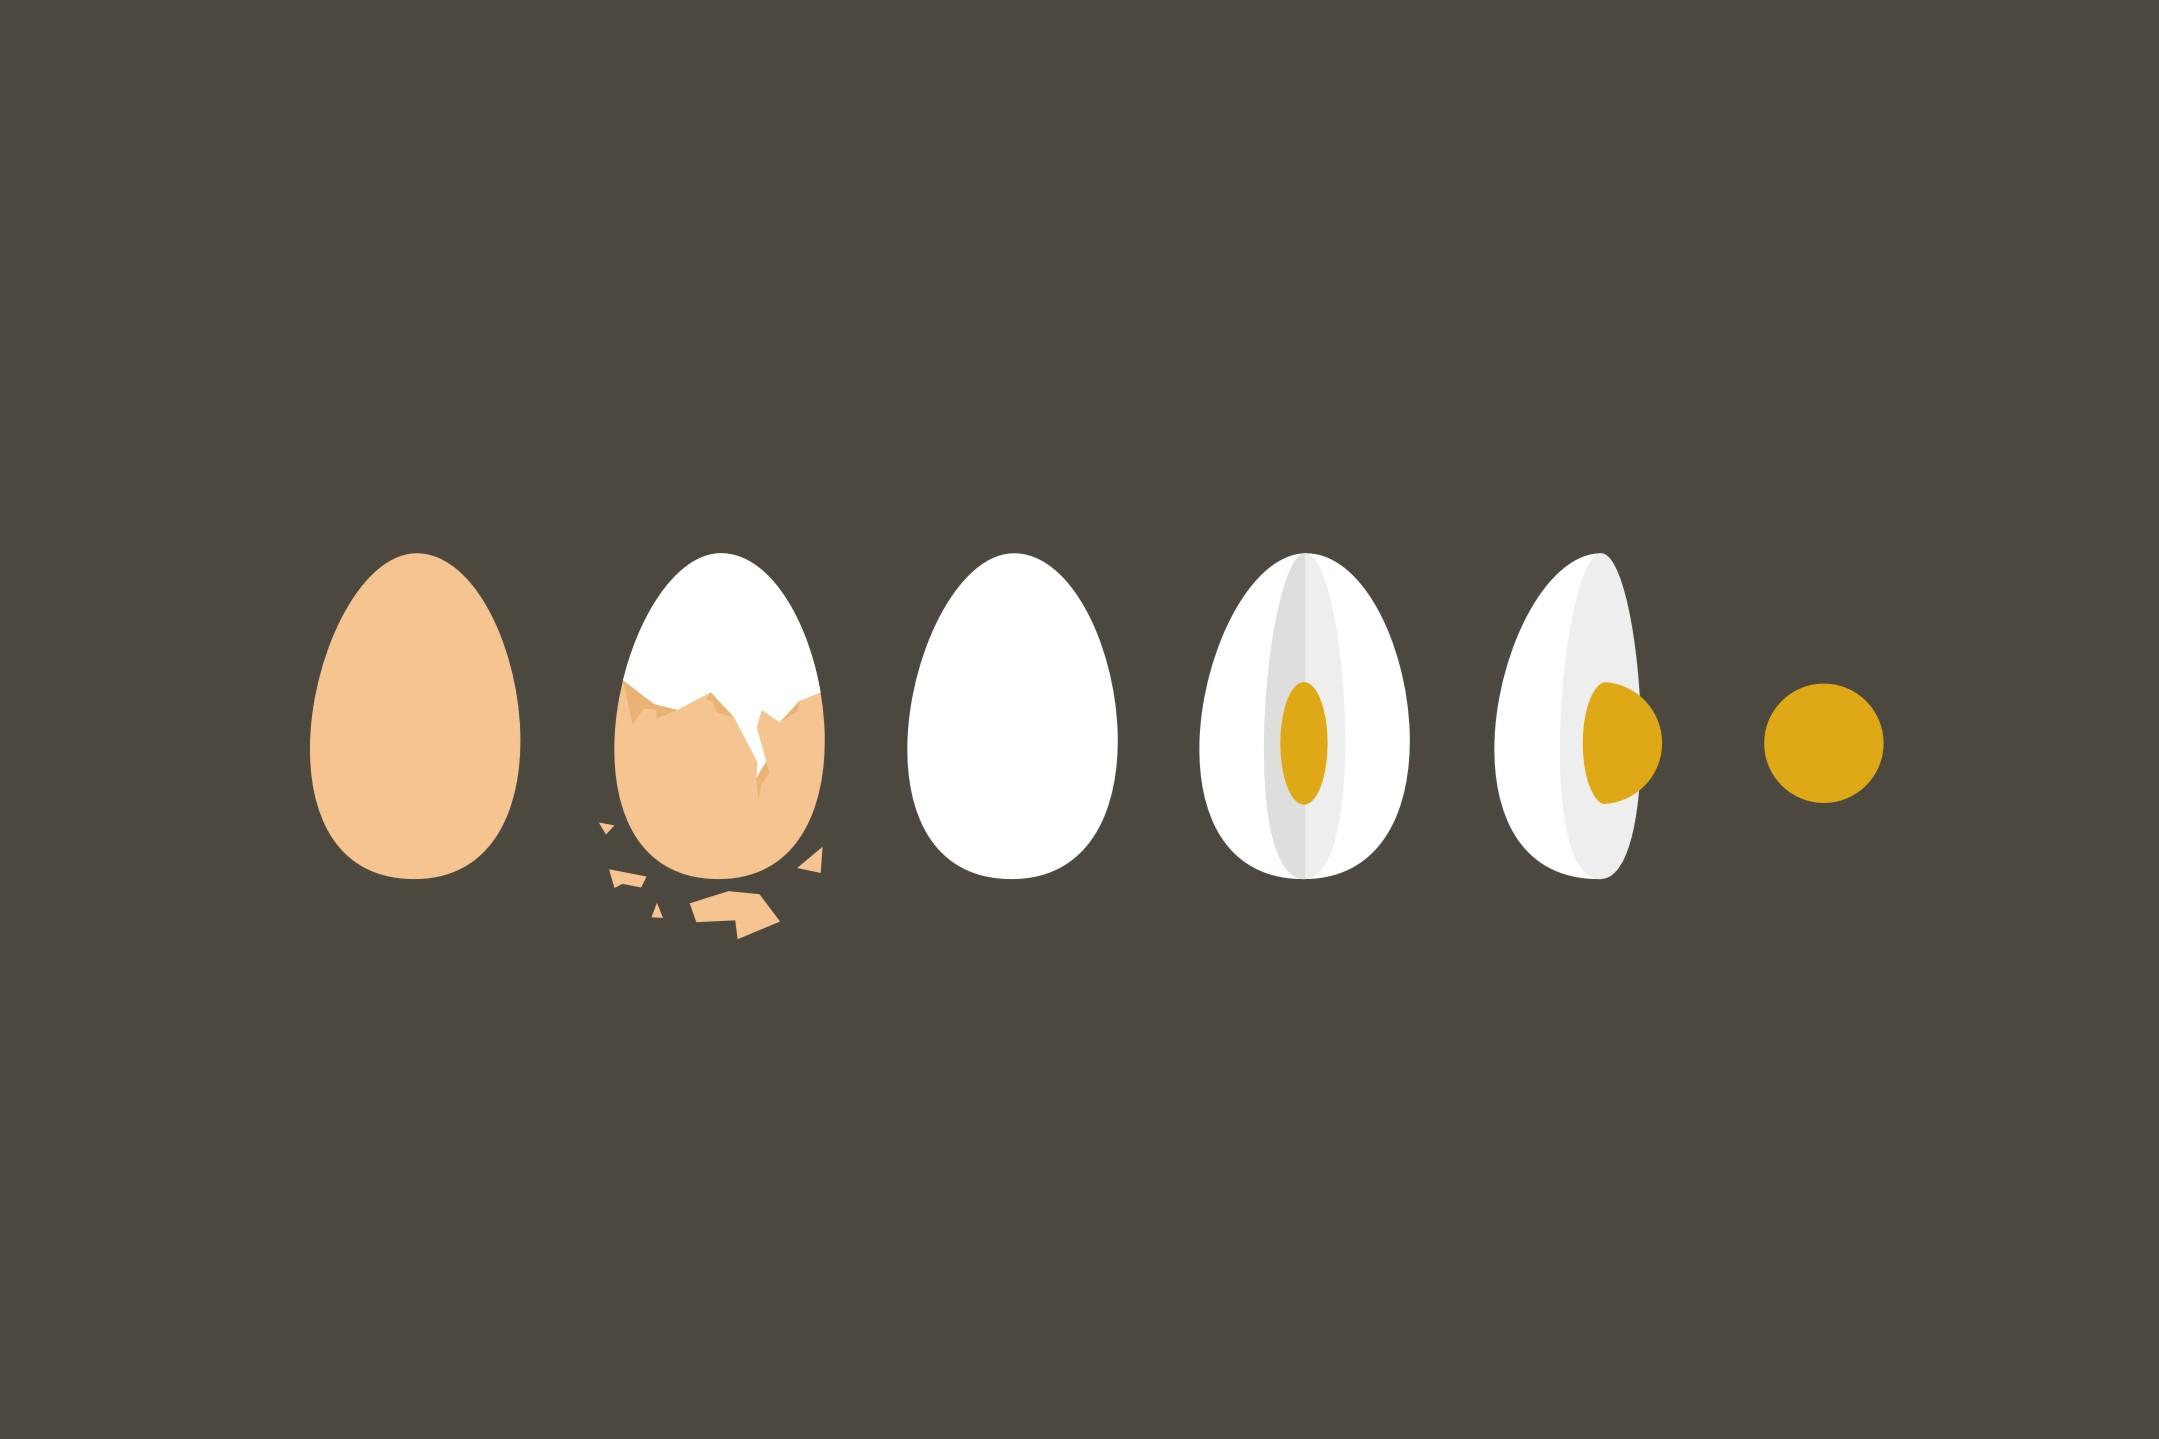 Makan telur sebabkan bisul, mitos atau fakta?